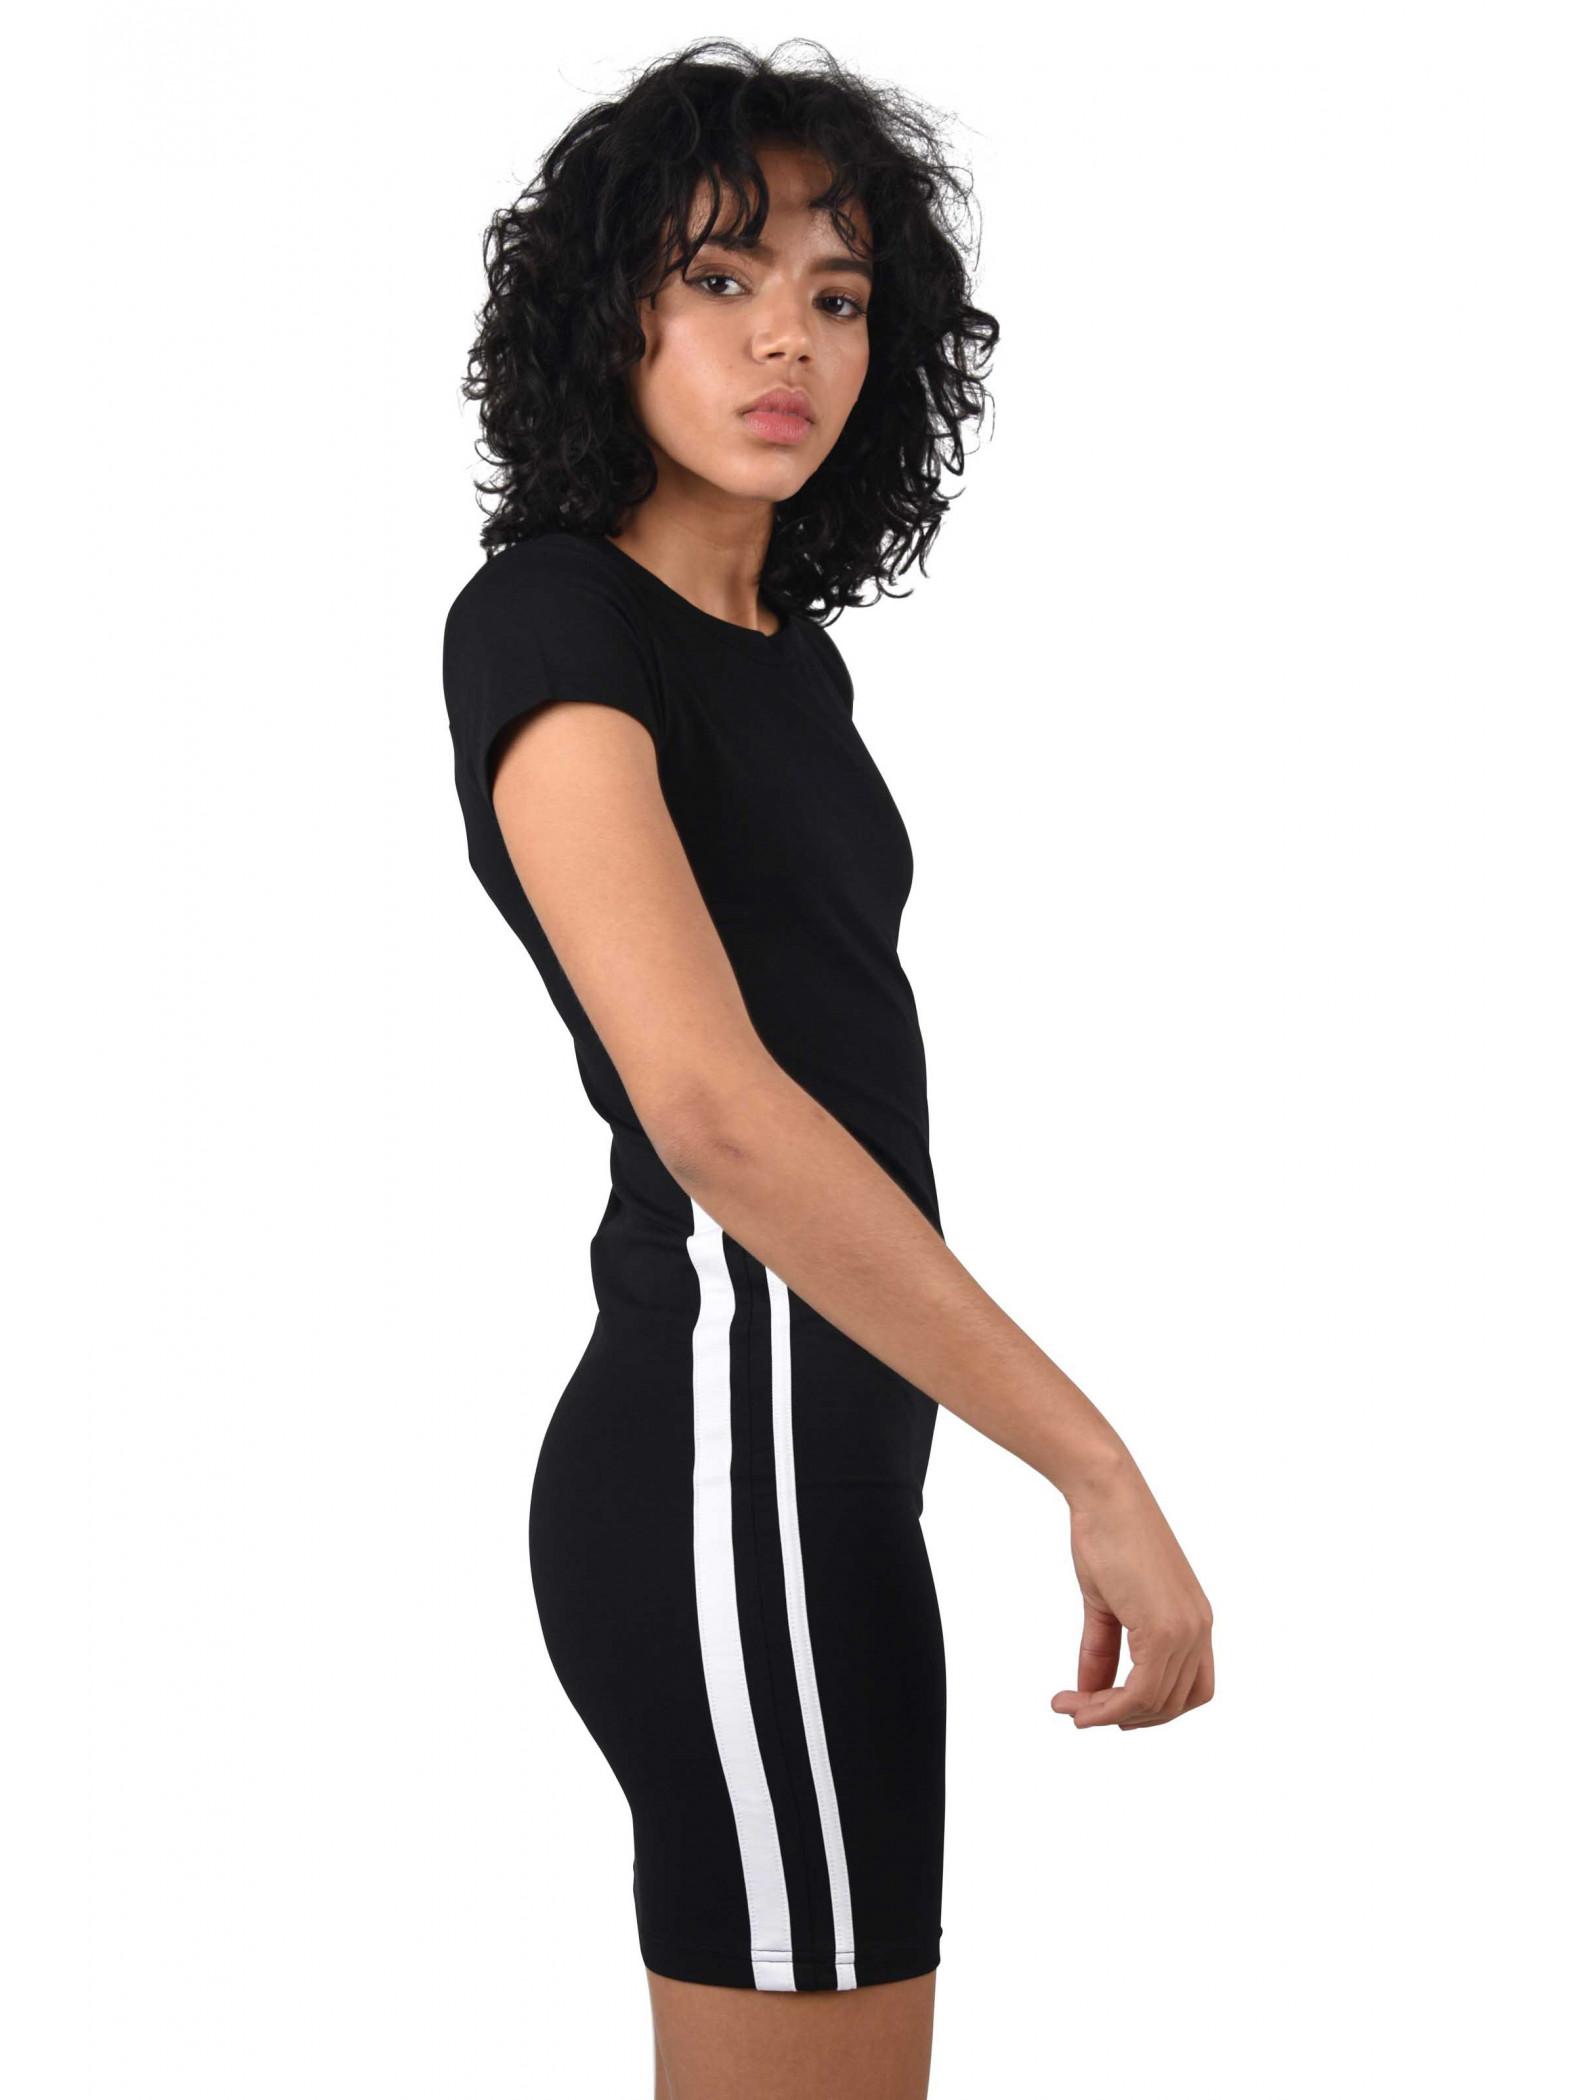 Femme En Robe Moulante robe moulante doubles bandes femme project x paris